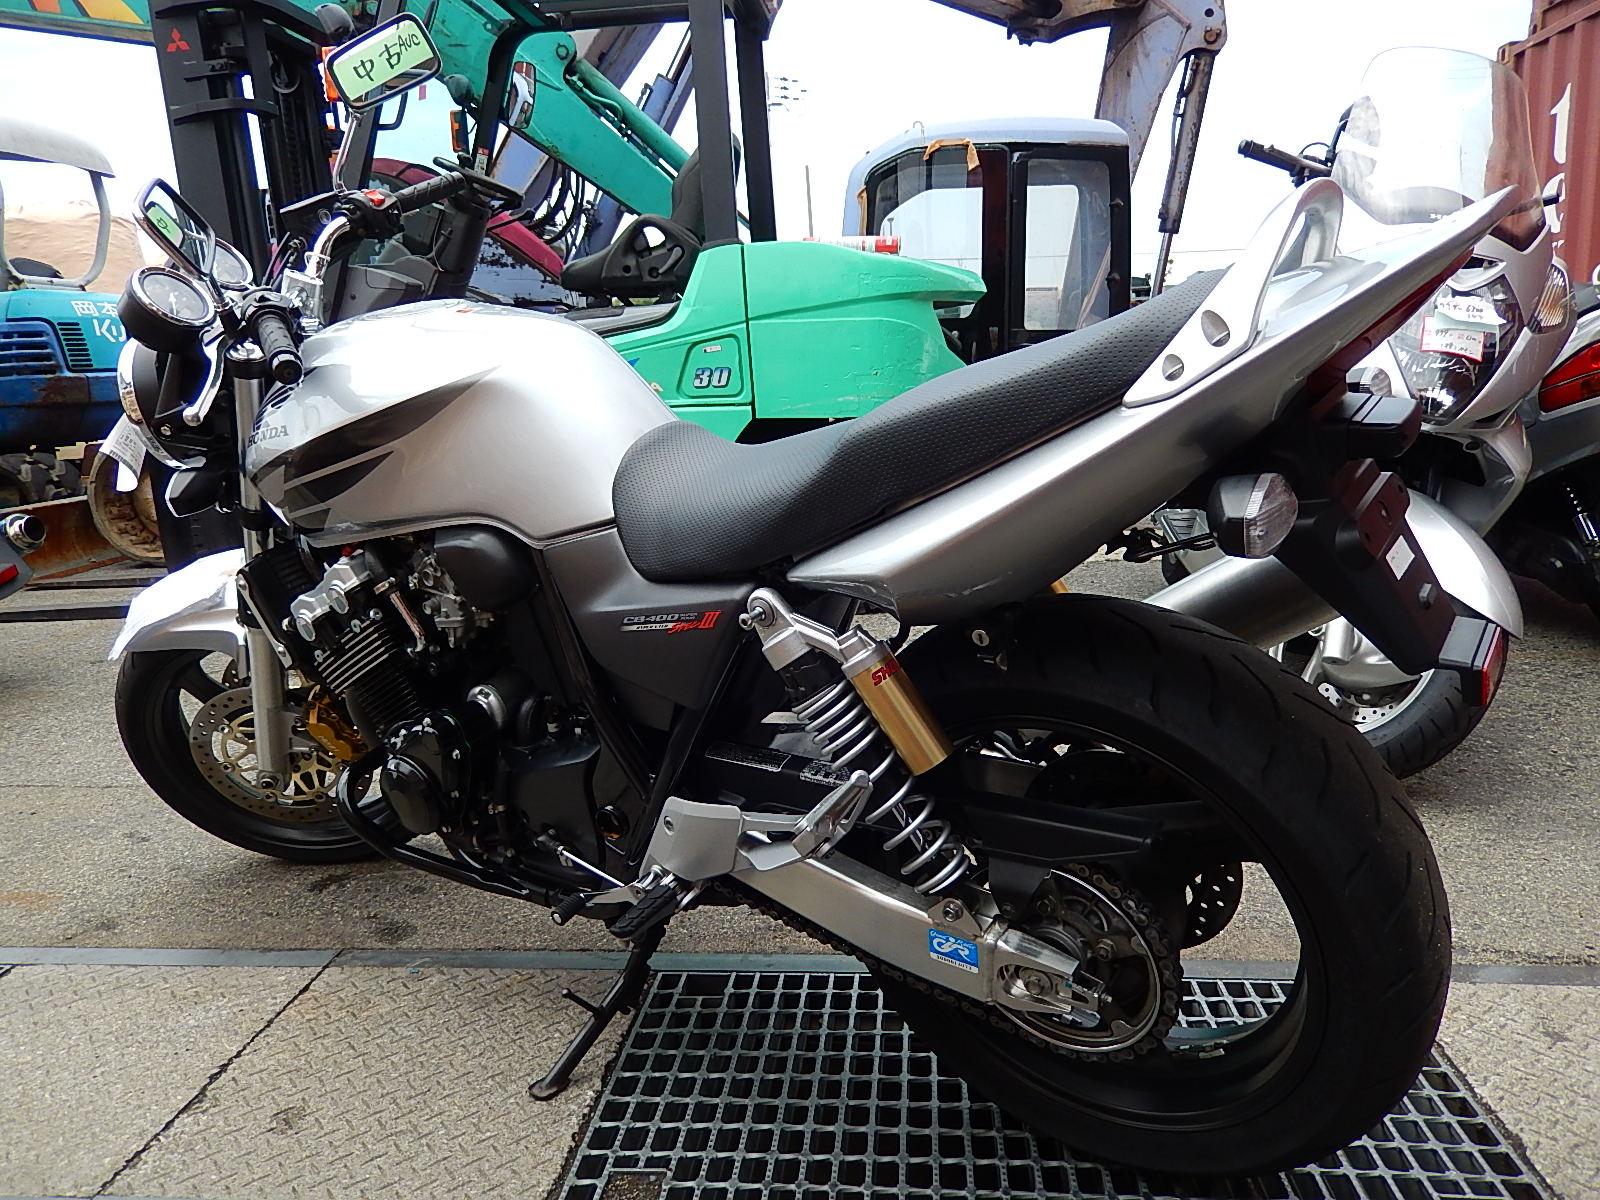 Купить Honda CB400 SF Vtec-3 в Москве, цены, фото ...